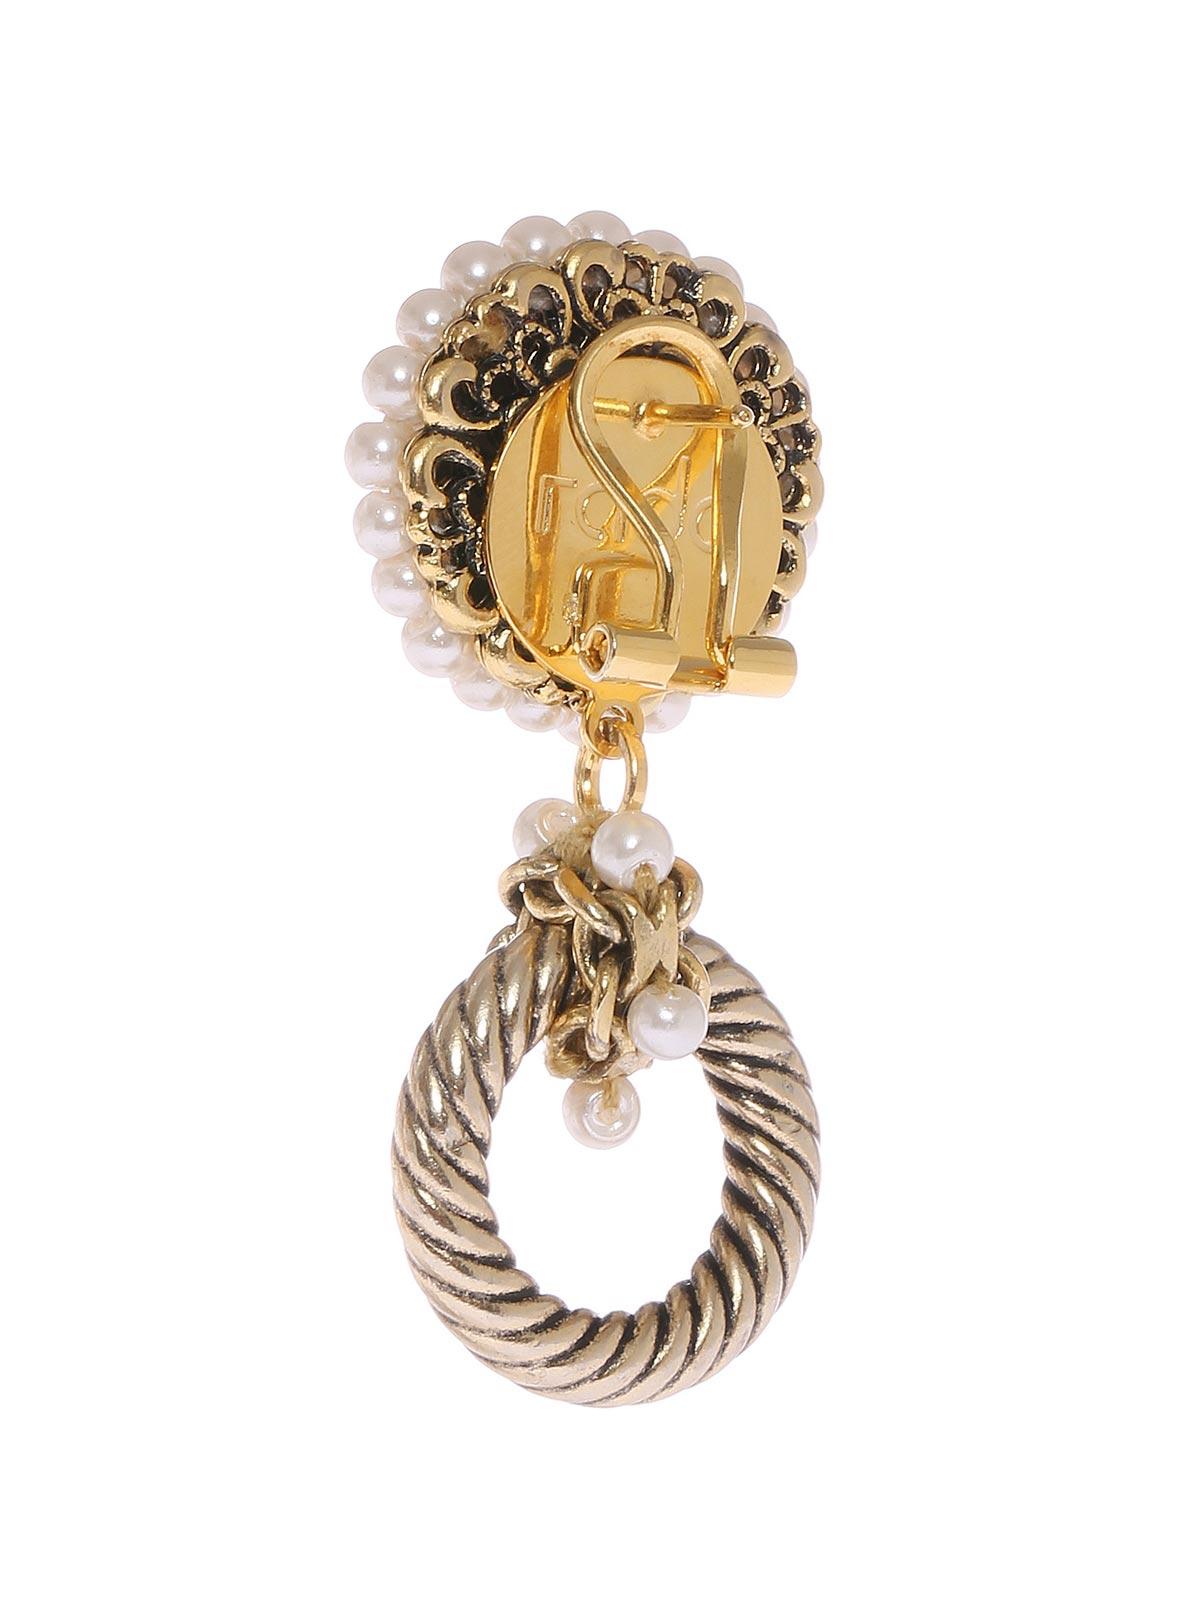 Clip gioiello con anella zigrinata